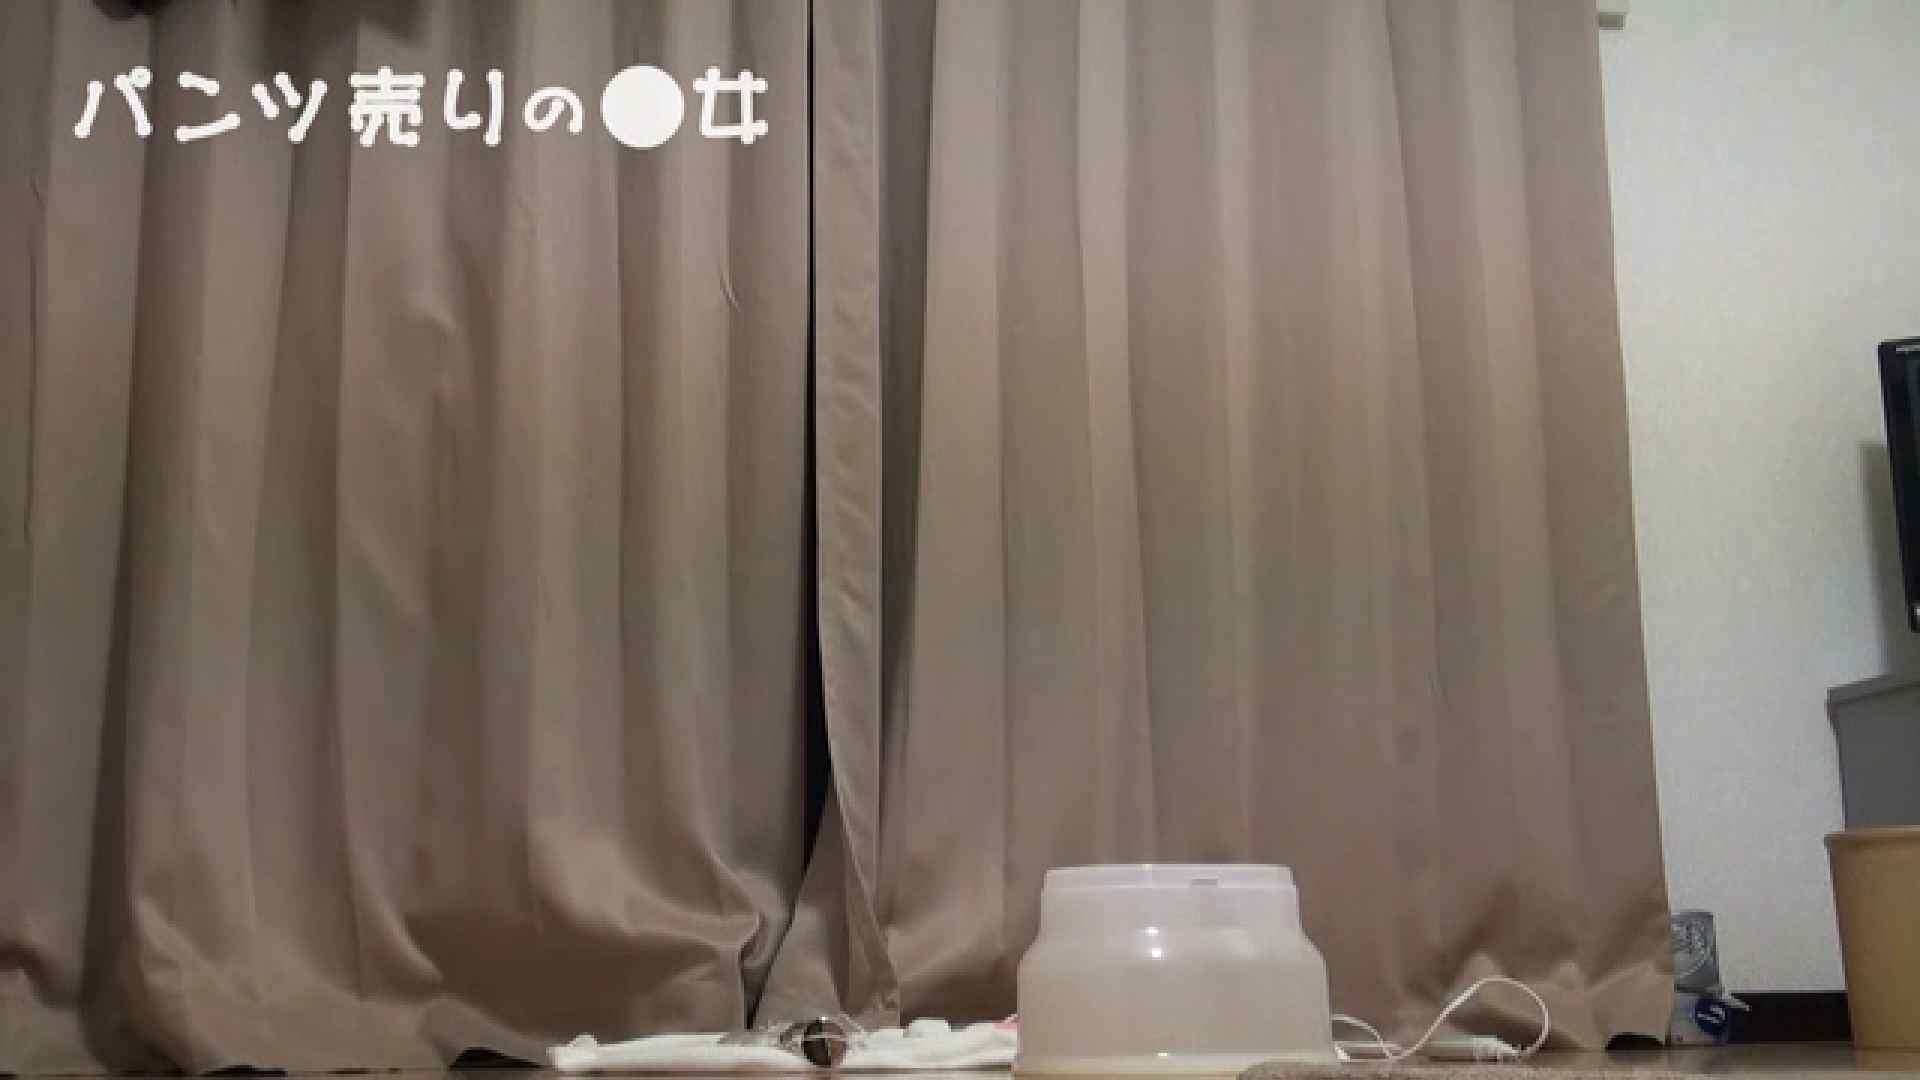 新説 パンツ売りの女の子mizuki 一般投稿  21連発 4